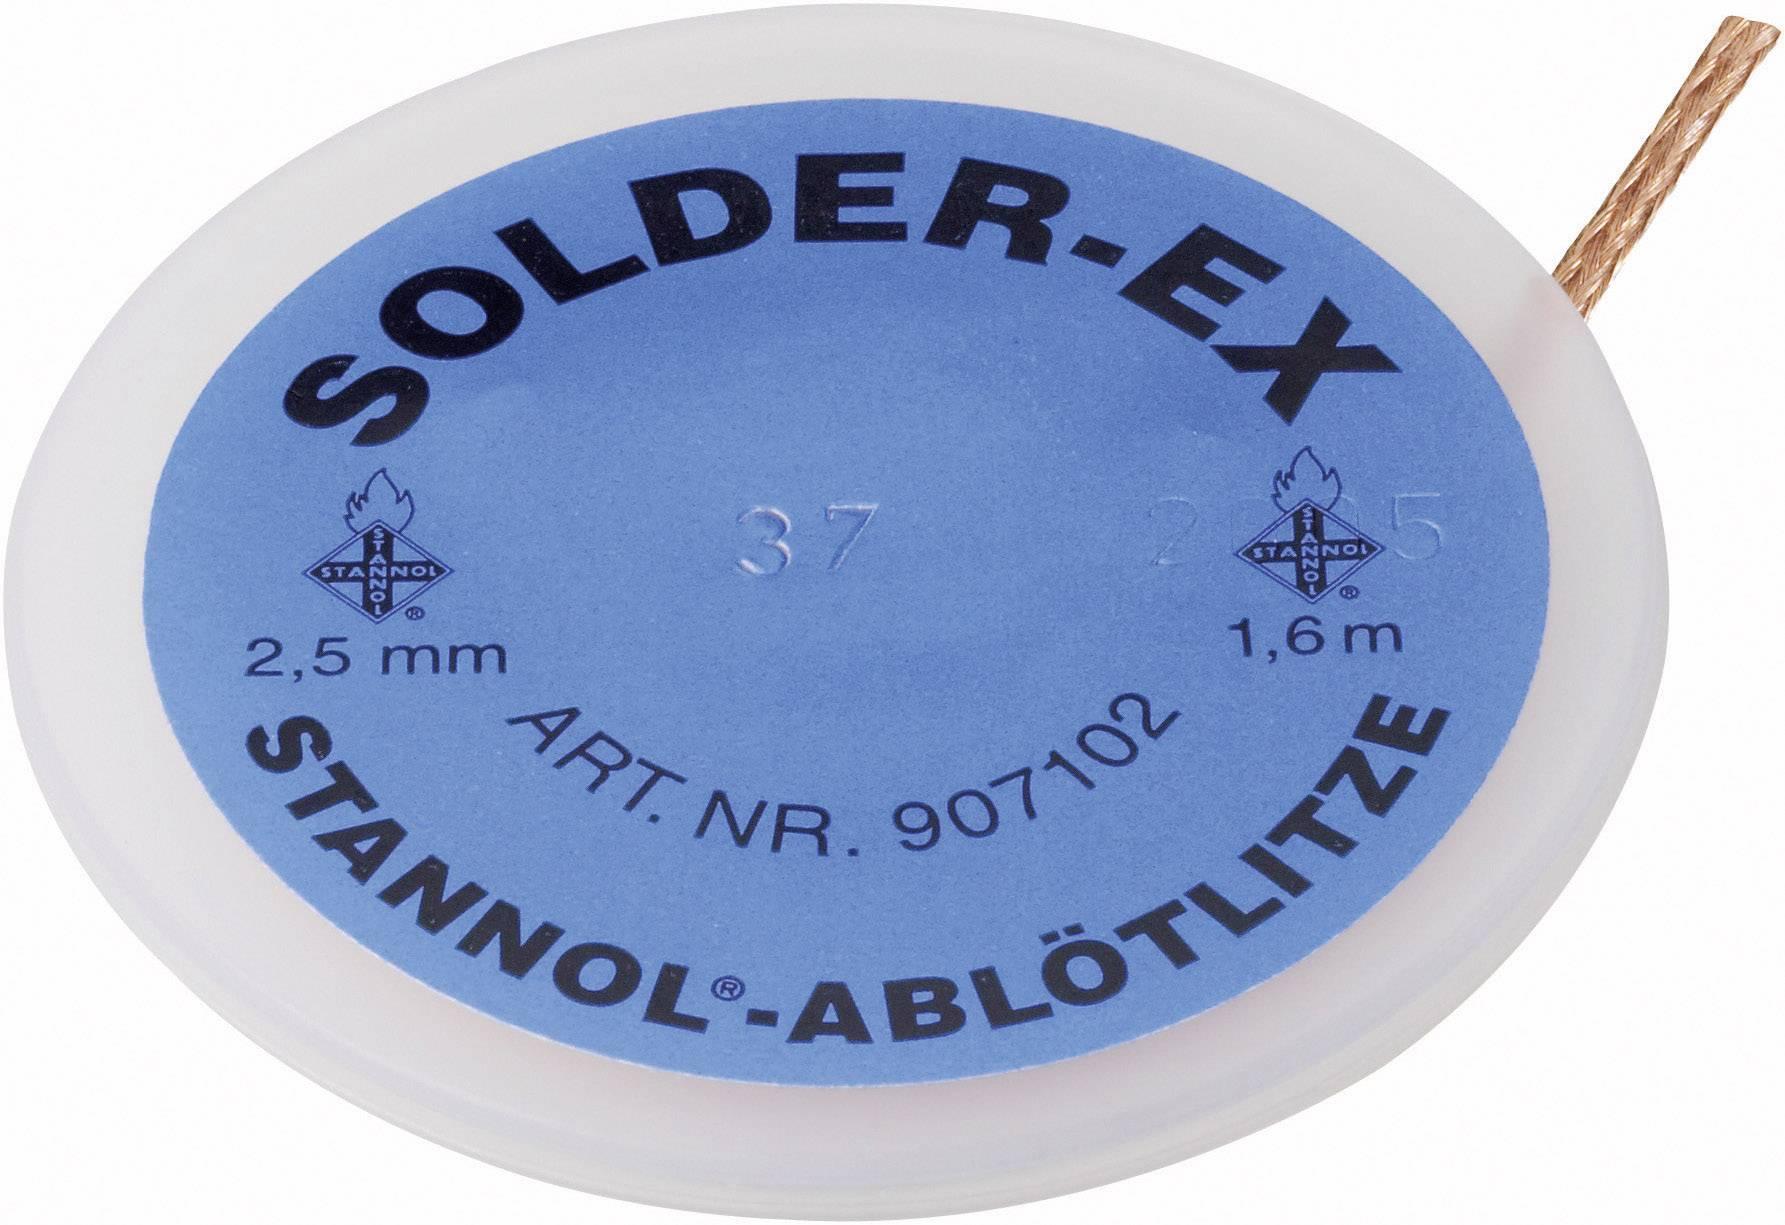 Odpájecí lanko Stannol Solder, délka 1.6 m, šířka 1 mm